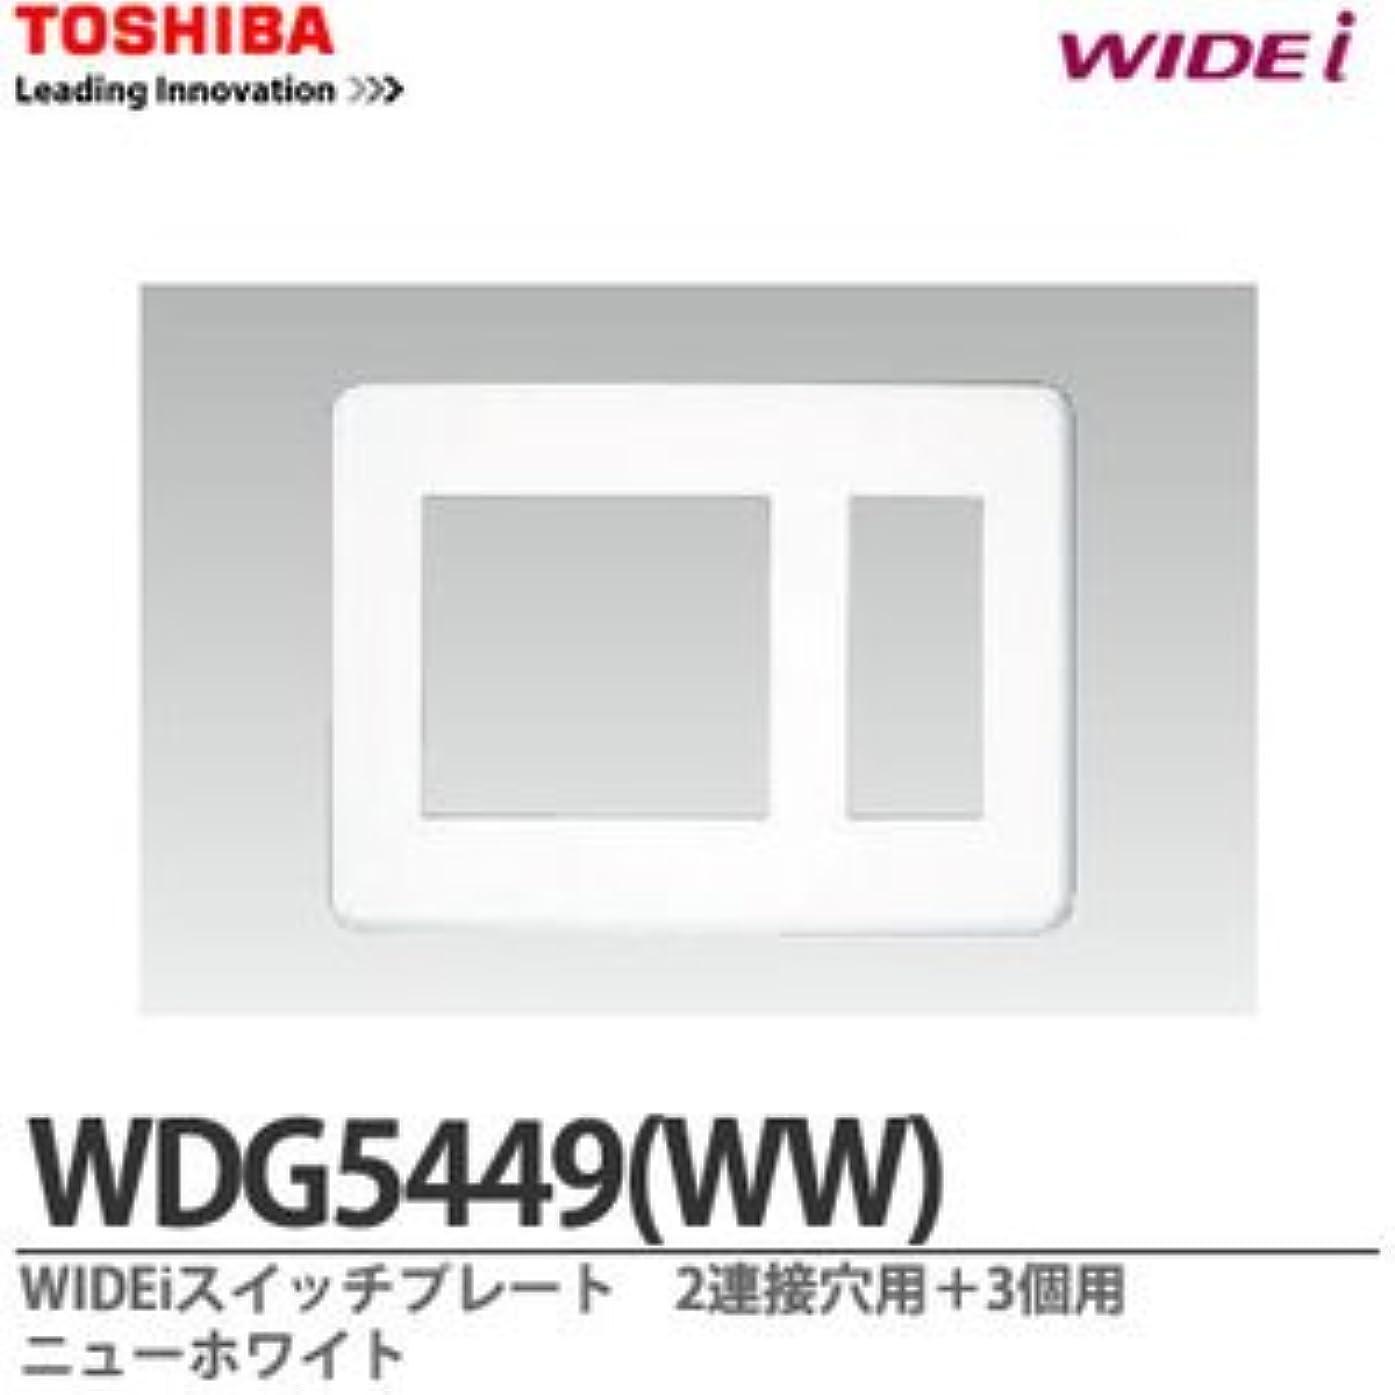 生き返らせるサドル愛情【TOSHIBA】東芝WIDEiプレート2連接穴用+3個用ニューホワイト色   WDG5449(WW)